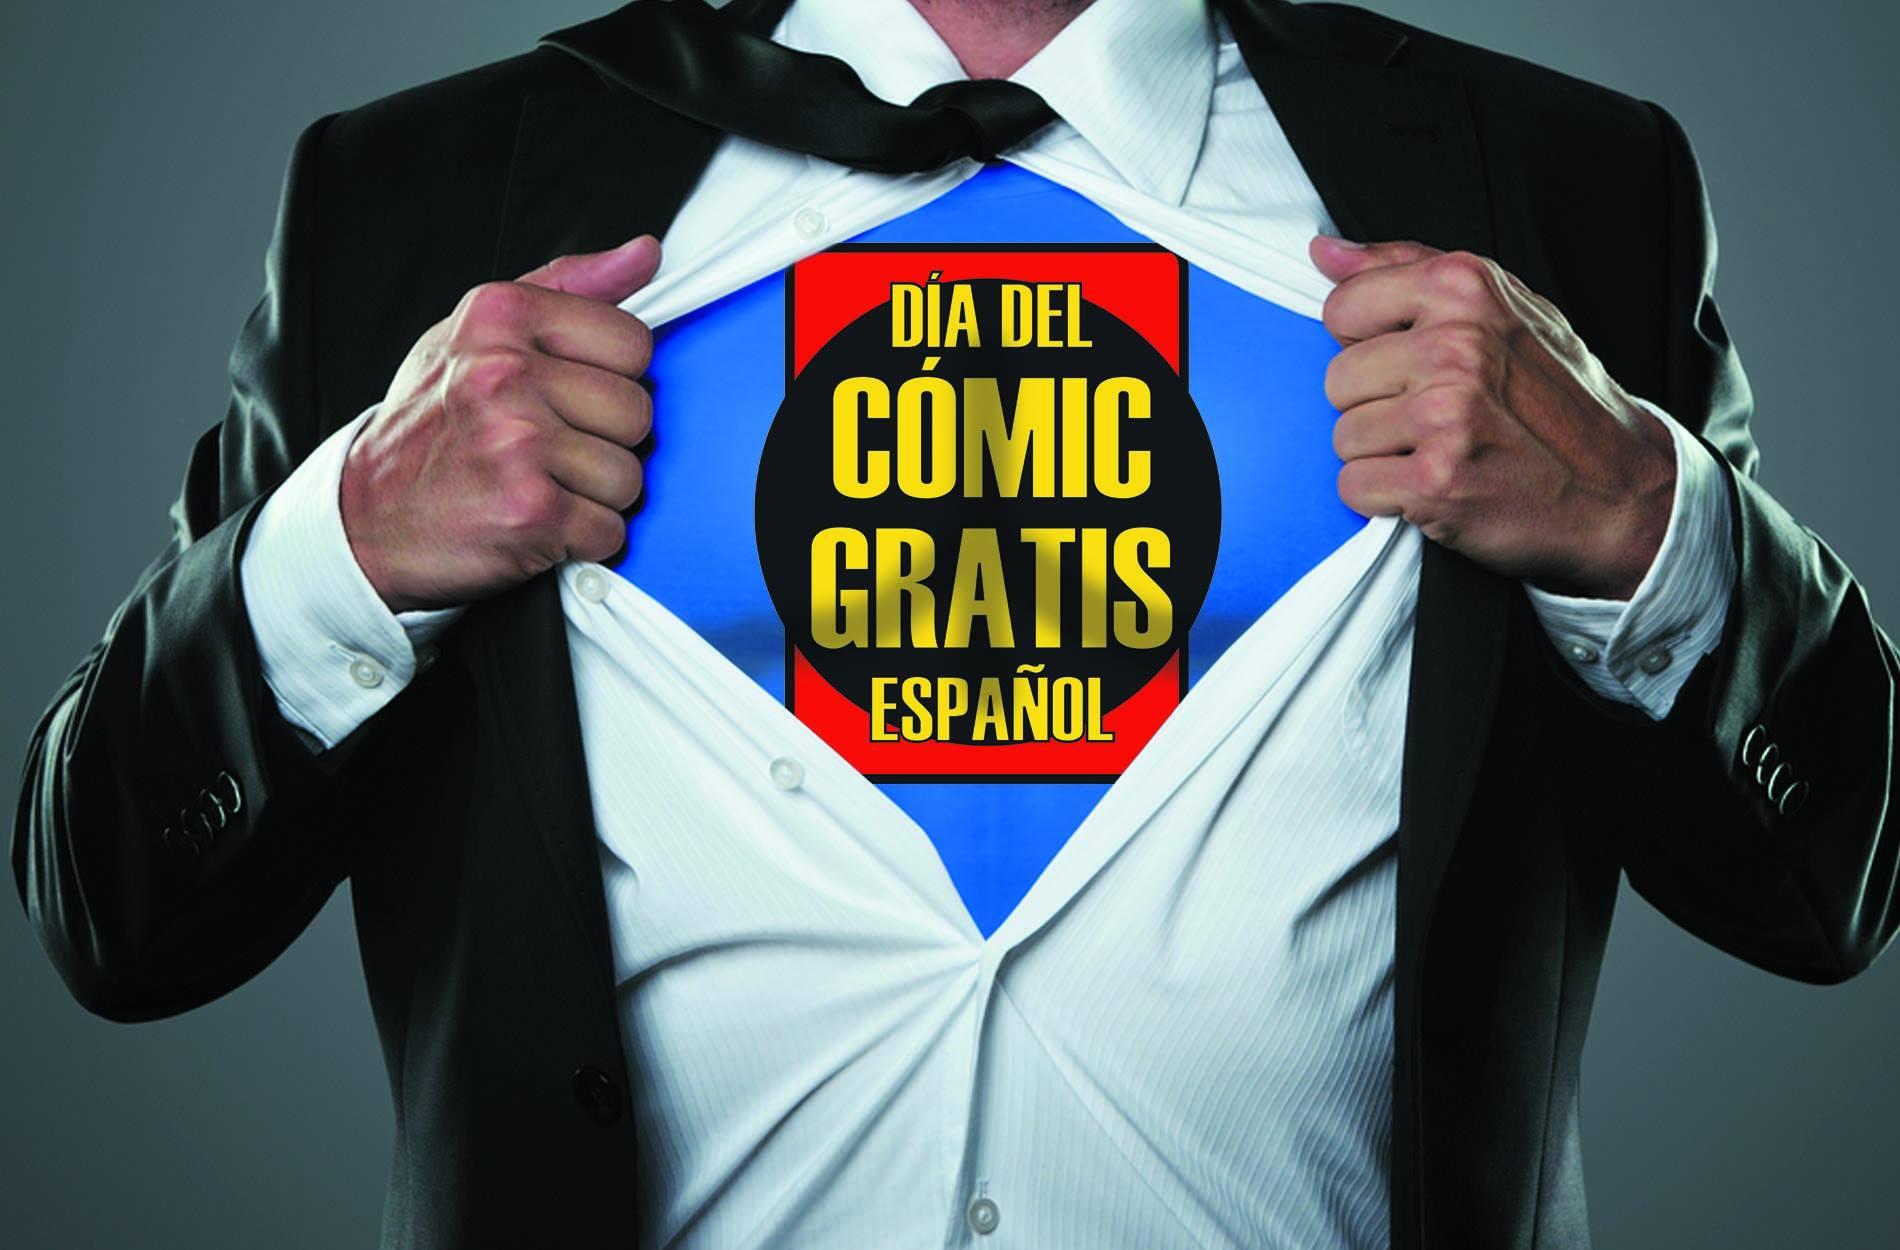 Día del Cómic Gratis Español 2015